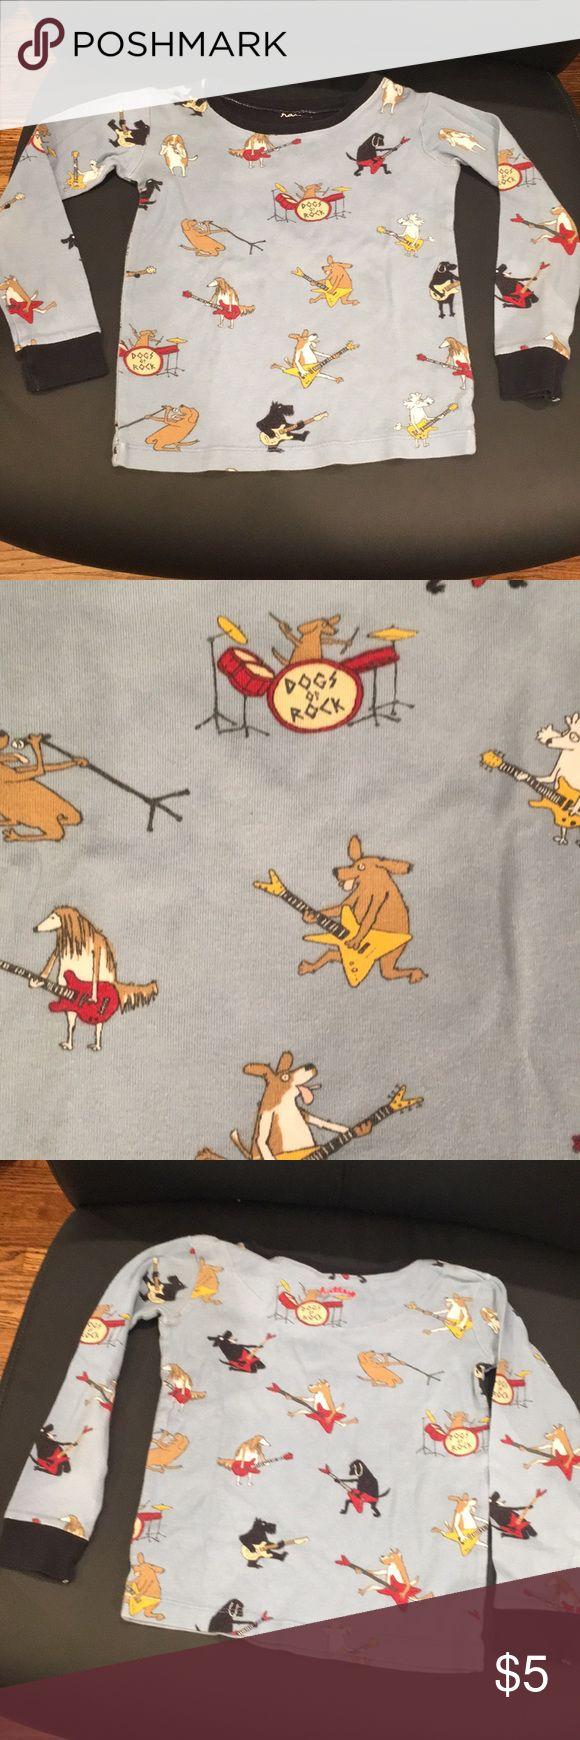 Hatley pj top Long sleeve Hatley pj top with rockin dogs. Great condition. Hatley Pajamas Pajama Tops